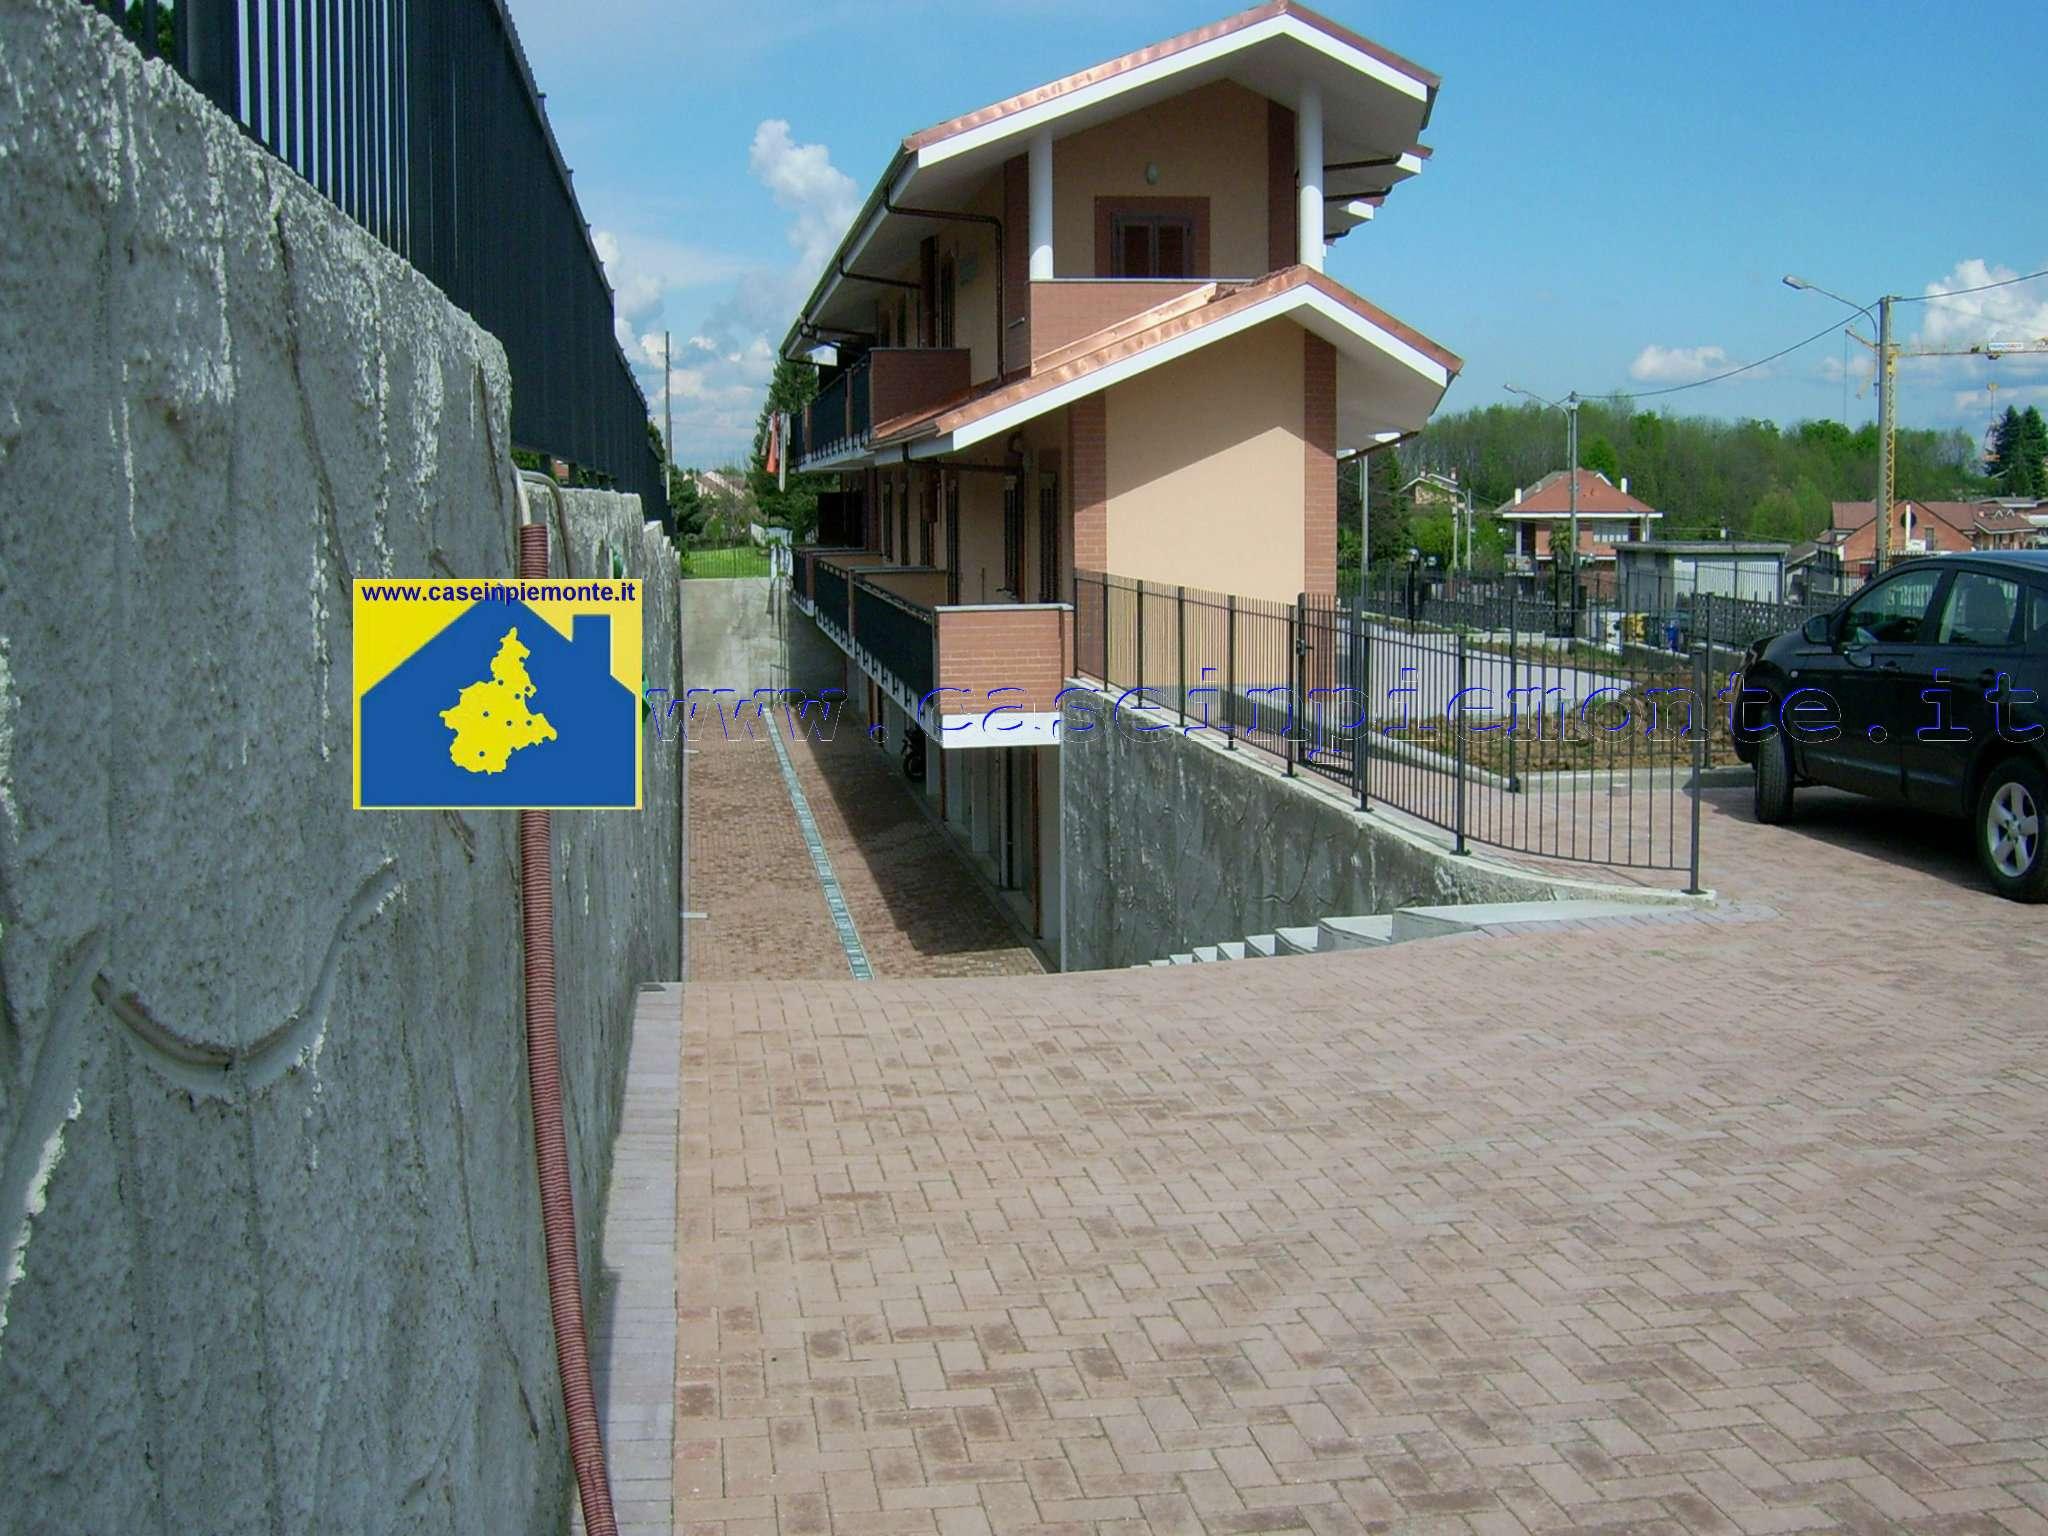 Foto 1 di Trilocale strada Contessa  87, Caselette